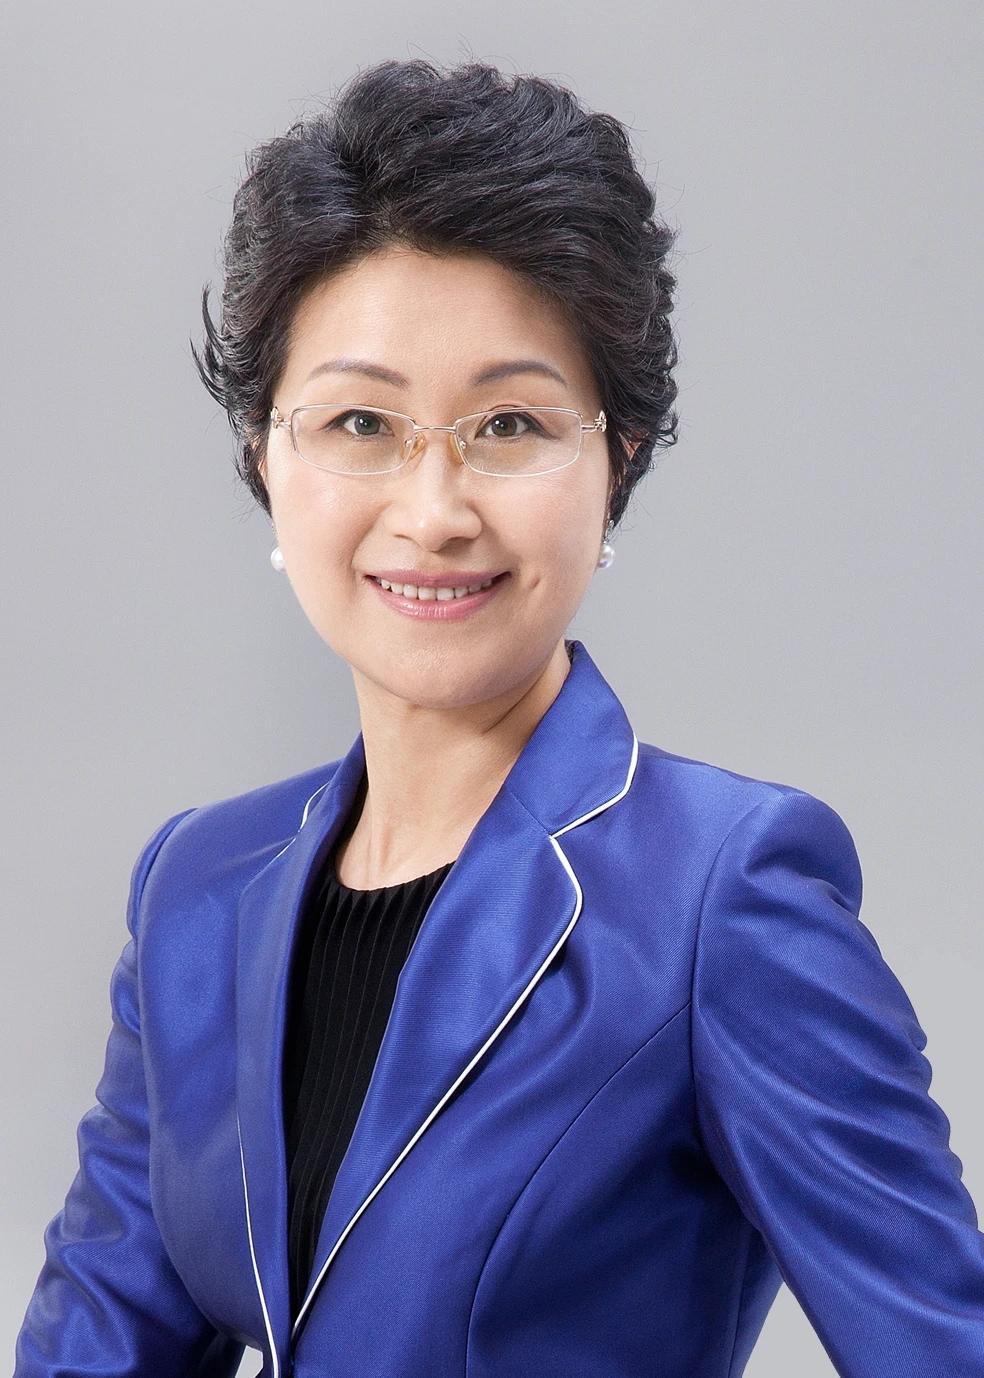 辞别华晨宝马,杨美虹加盟福特任福特中国传播及企业社会责任副总裁